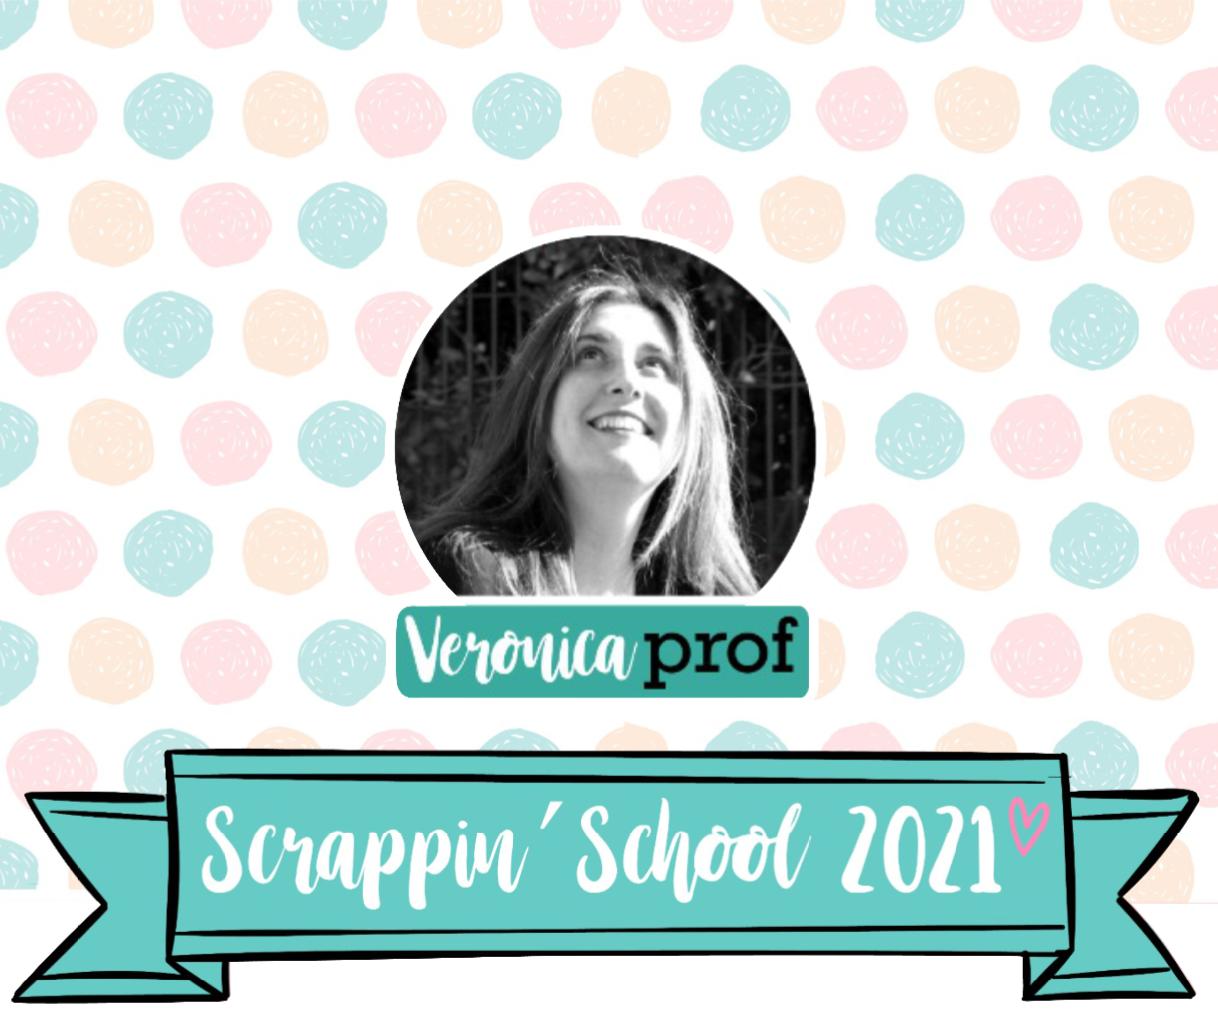 Sono un'insegnante della Scrappin'School